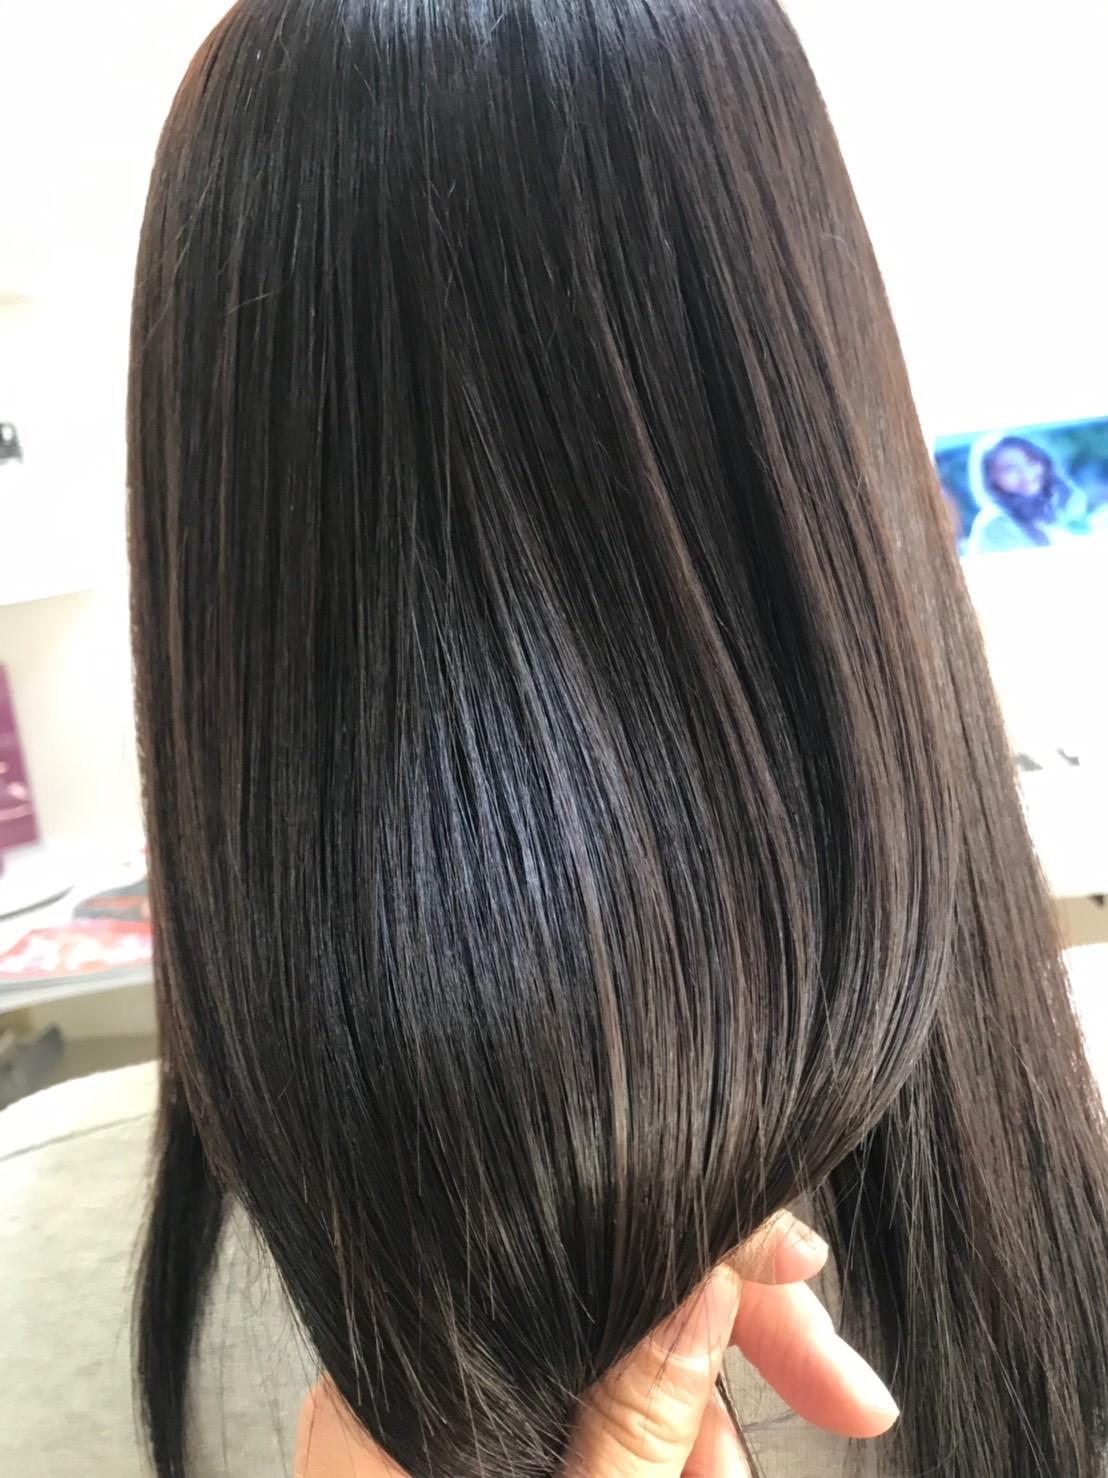 天使の輪が実現すると話題の「サイエンスアクア」。髪の芯から潤いをチャージし、髪質を改善いたします◎